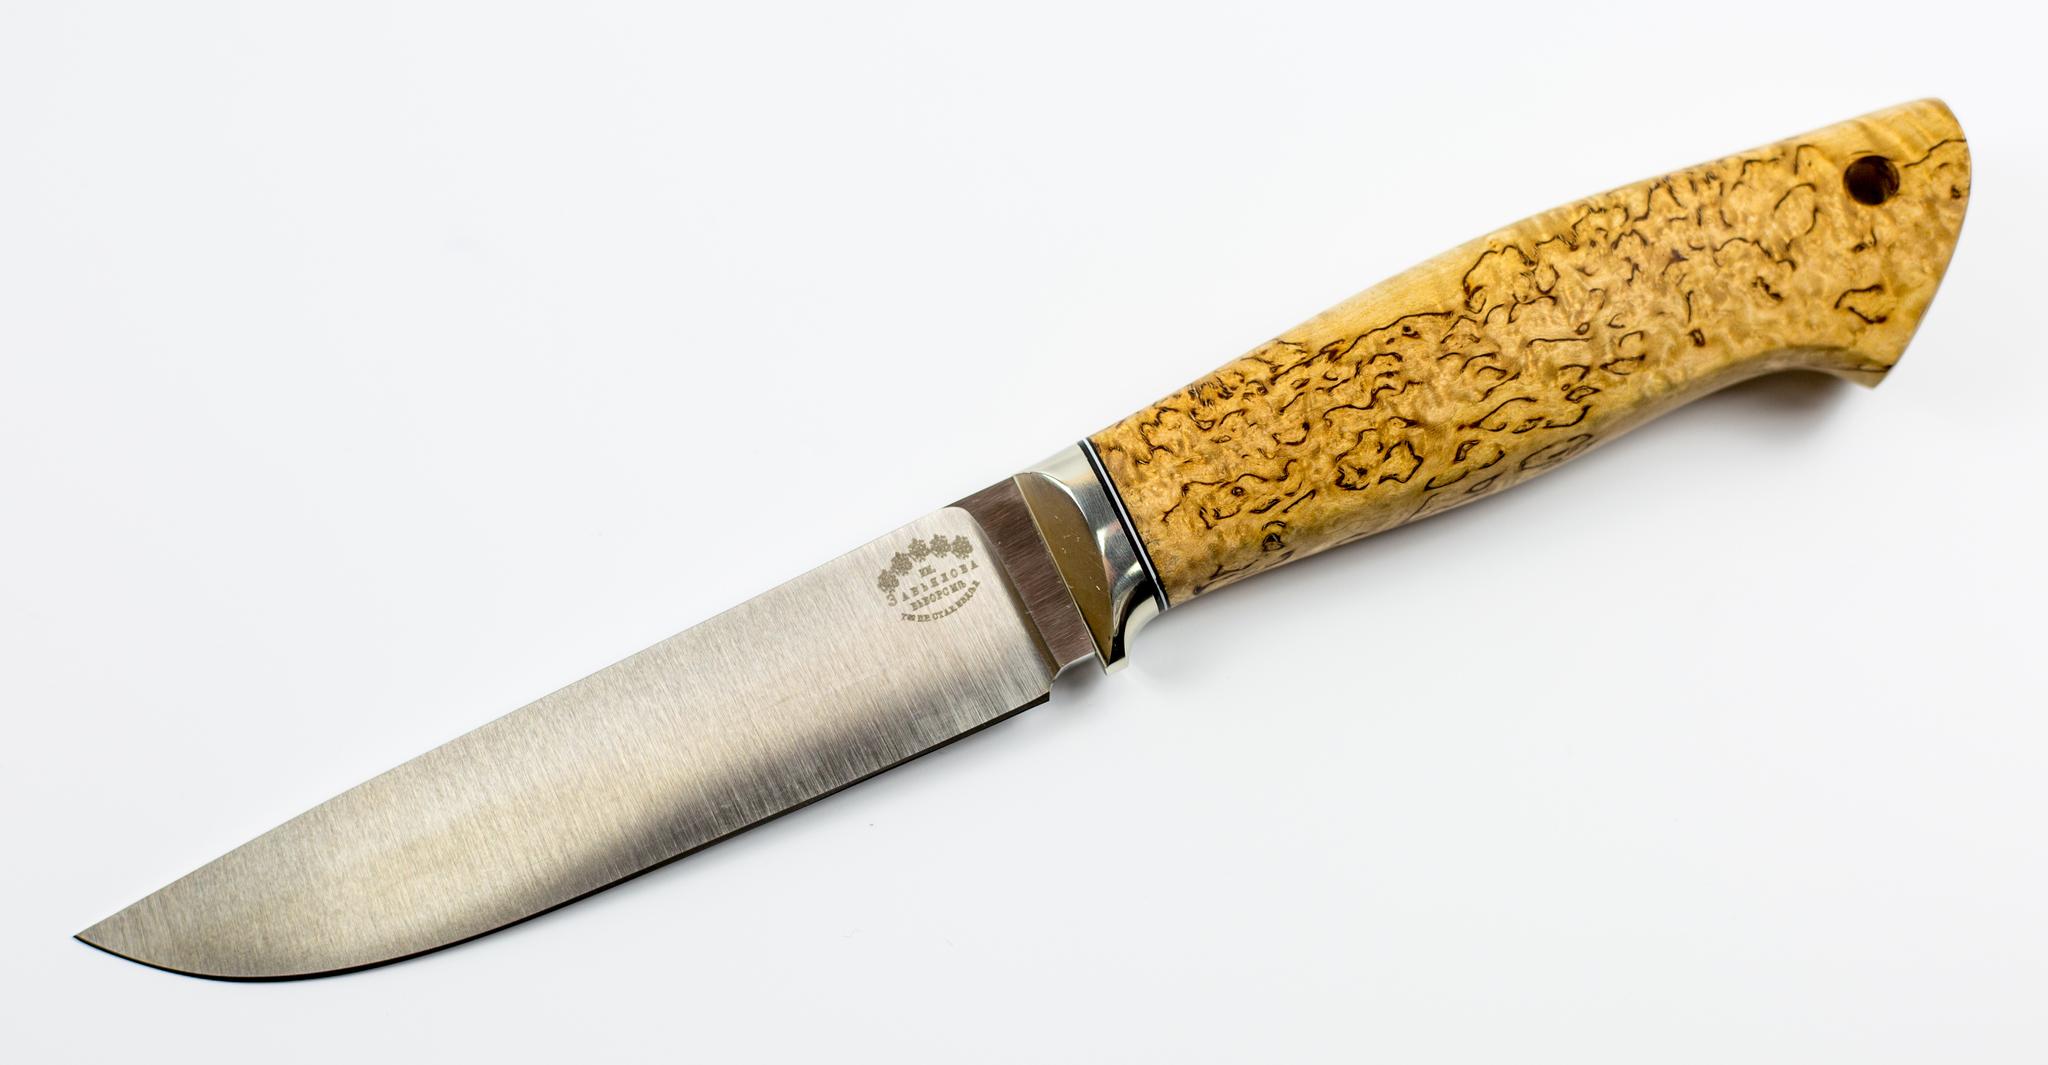 Нож Русский, сталь M390Ножи Ворсма<br>Этот нож можно смело отнести к универсальным полевым ножам, которые используются на территории всей нашей страны от Камчатки до Калининграда. Интересной особенностью является тот факт, что нож вобрал в себя черты от ножей различного типа. На рукоятке расположен грибок, свойственный финским и лапландским ножам. Прямой обух с острым кончиком используется в ножах северных охотников. Высокие спуски пришли к нам с Востока. Благодаря сбалансированному набору таких элементов получился надежный полевой нож с развитым функционалом. Ножом удобно строгать древесину, снимать кору с деревьев, открывать консервные банки. Для хранения и транспортировки используется удобный кожаный чехол.<br>